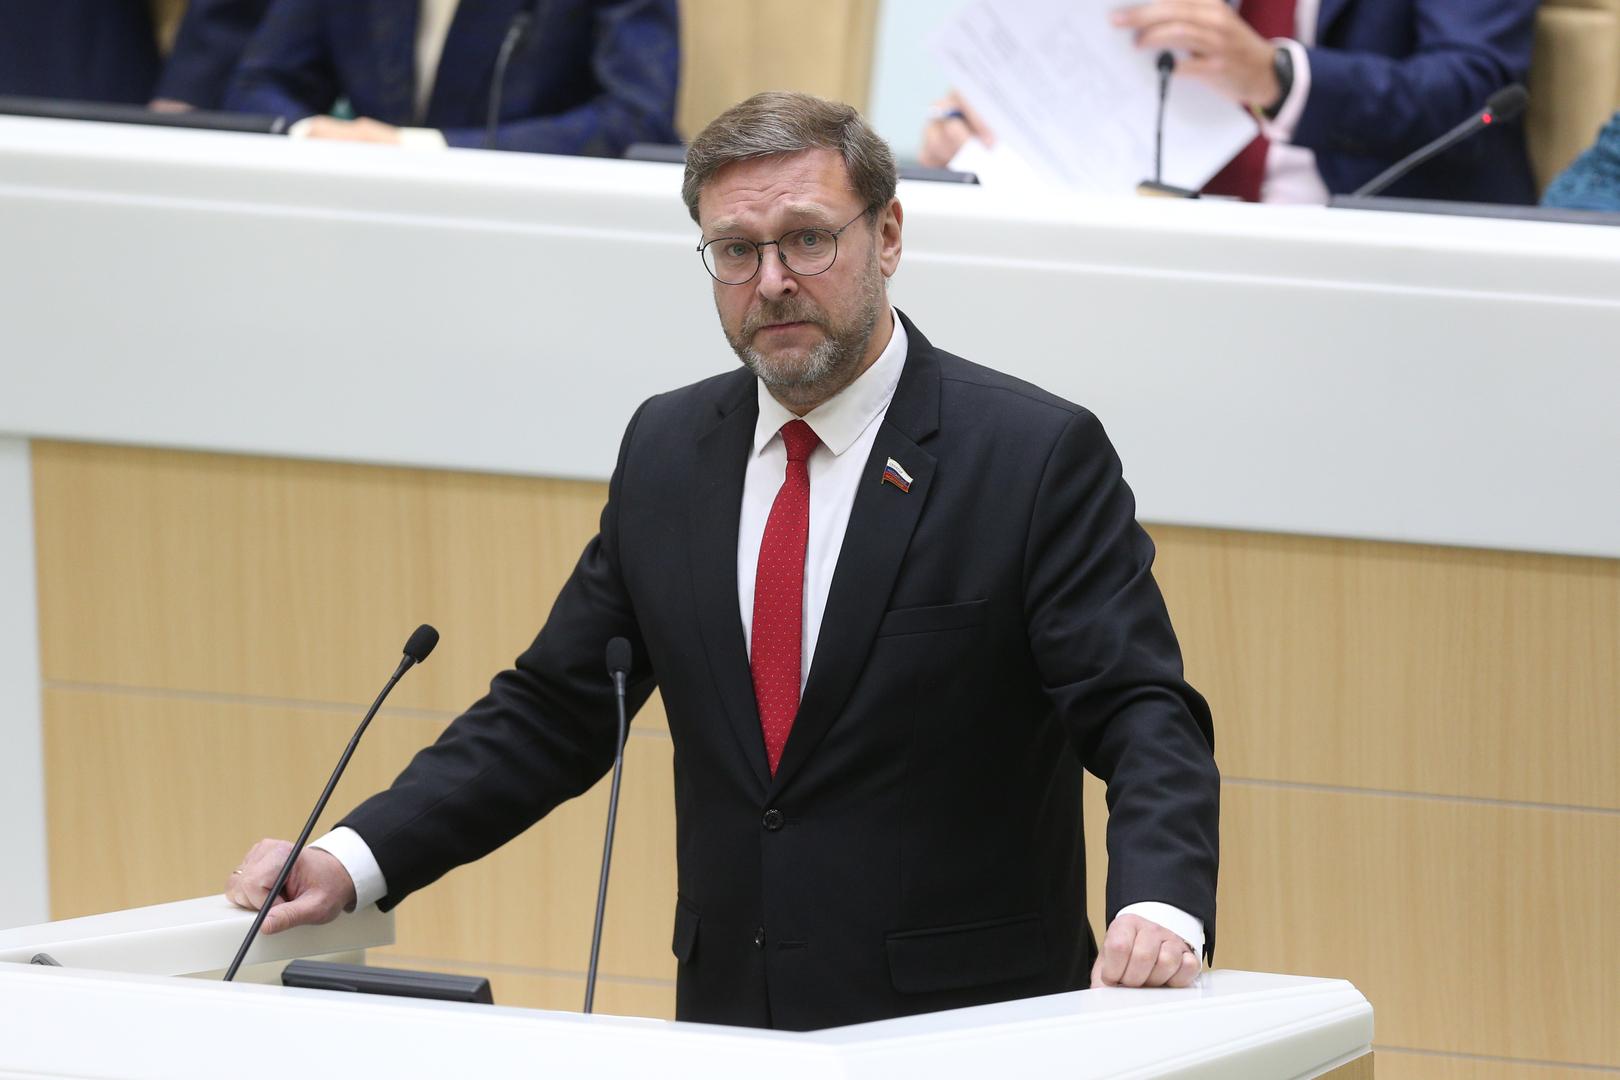 رئيس لجنة العلاقات الدولية بمجلس الاتحاد الروسي، قسطنطين كوساتشوف